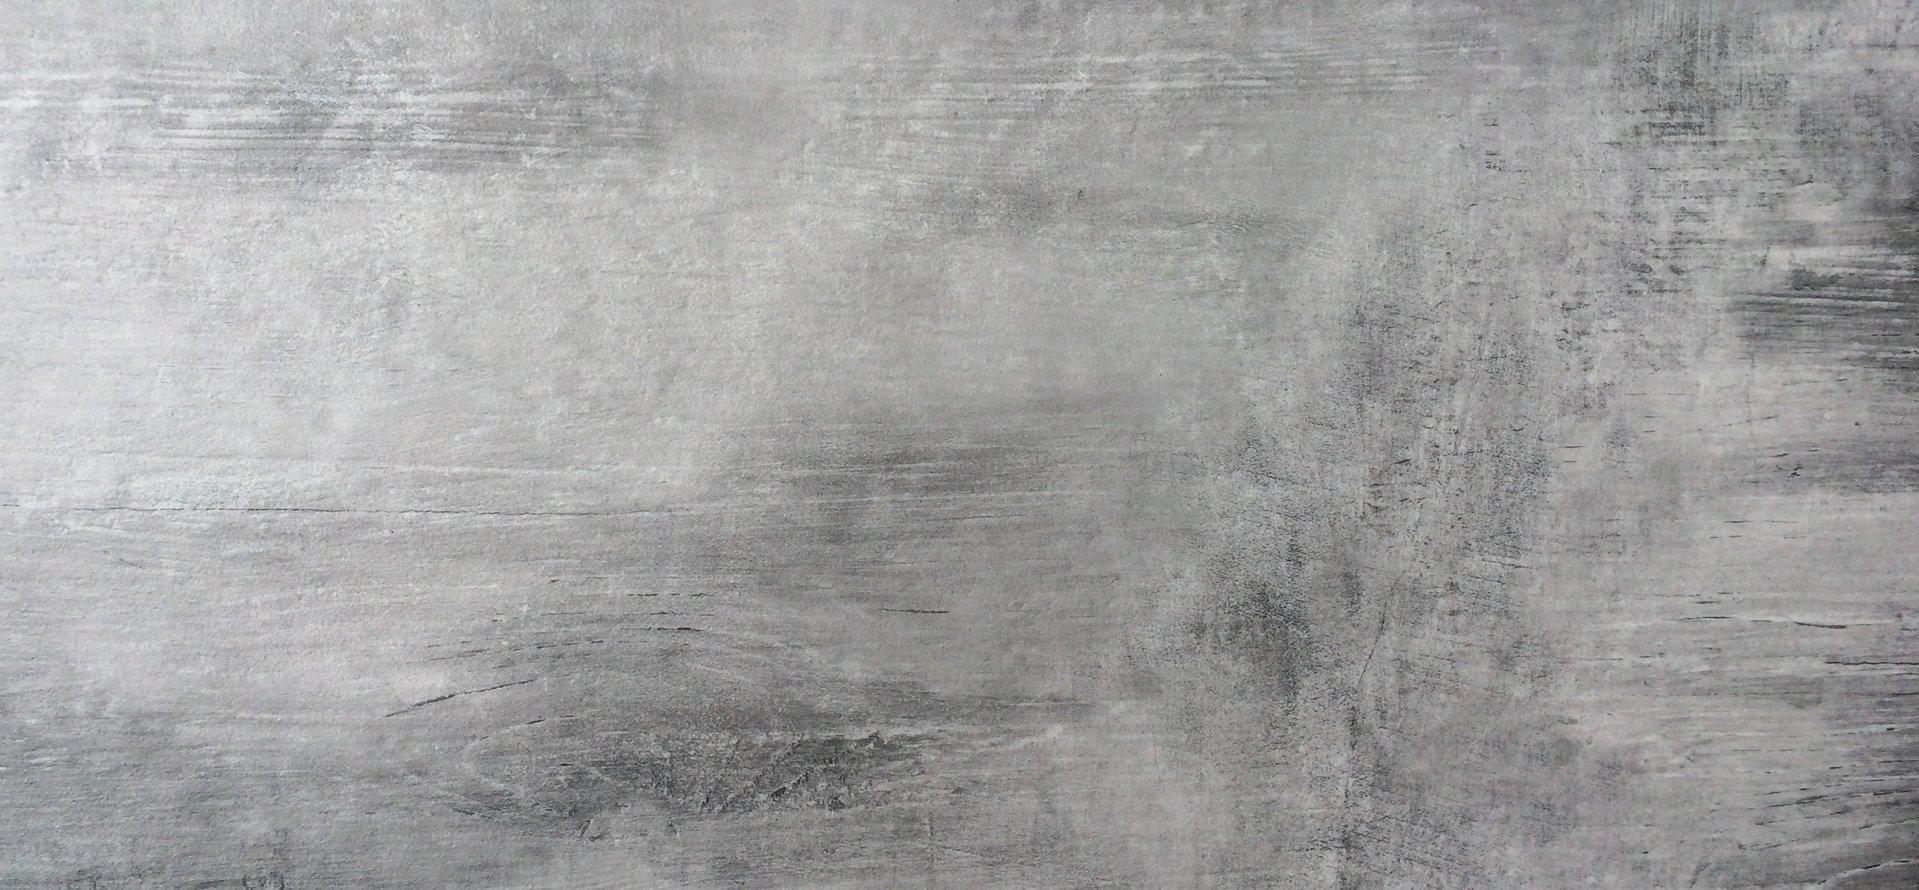 Bodenfliese homestile shaggy grigio 31x61.5 cm günstig kaufen!